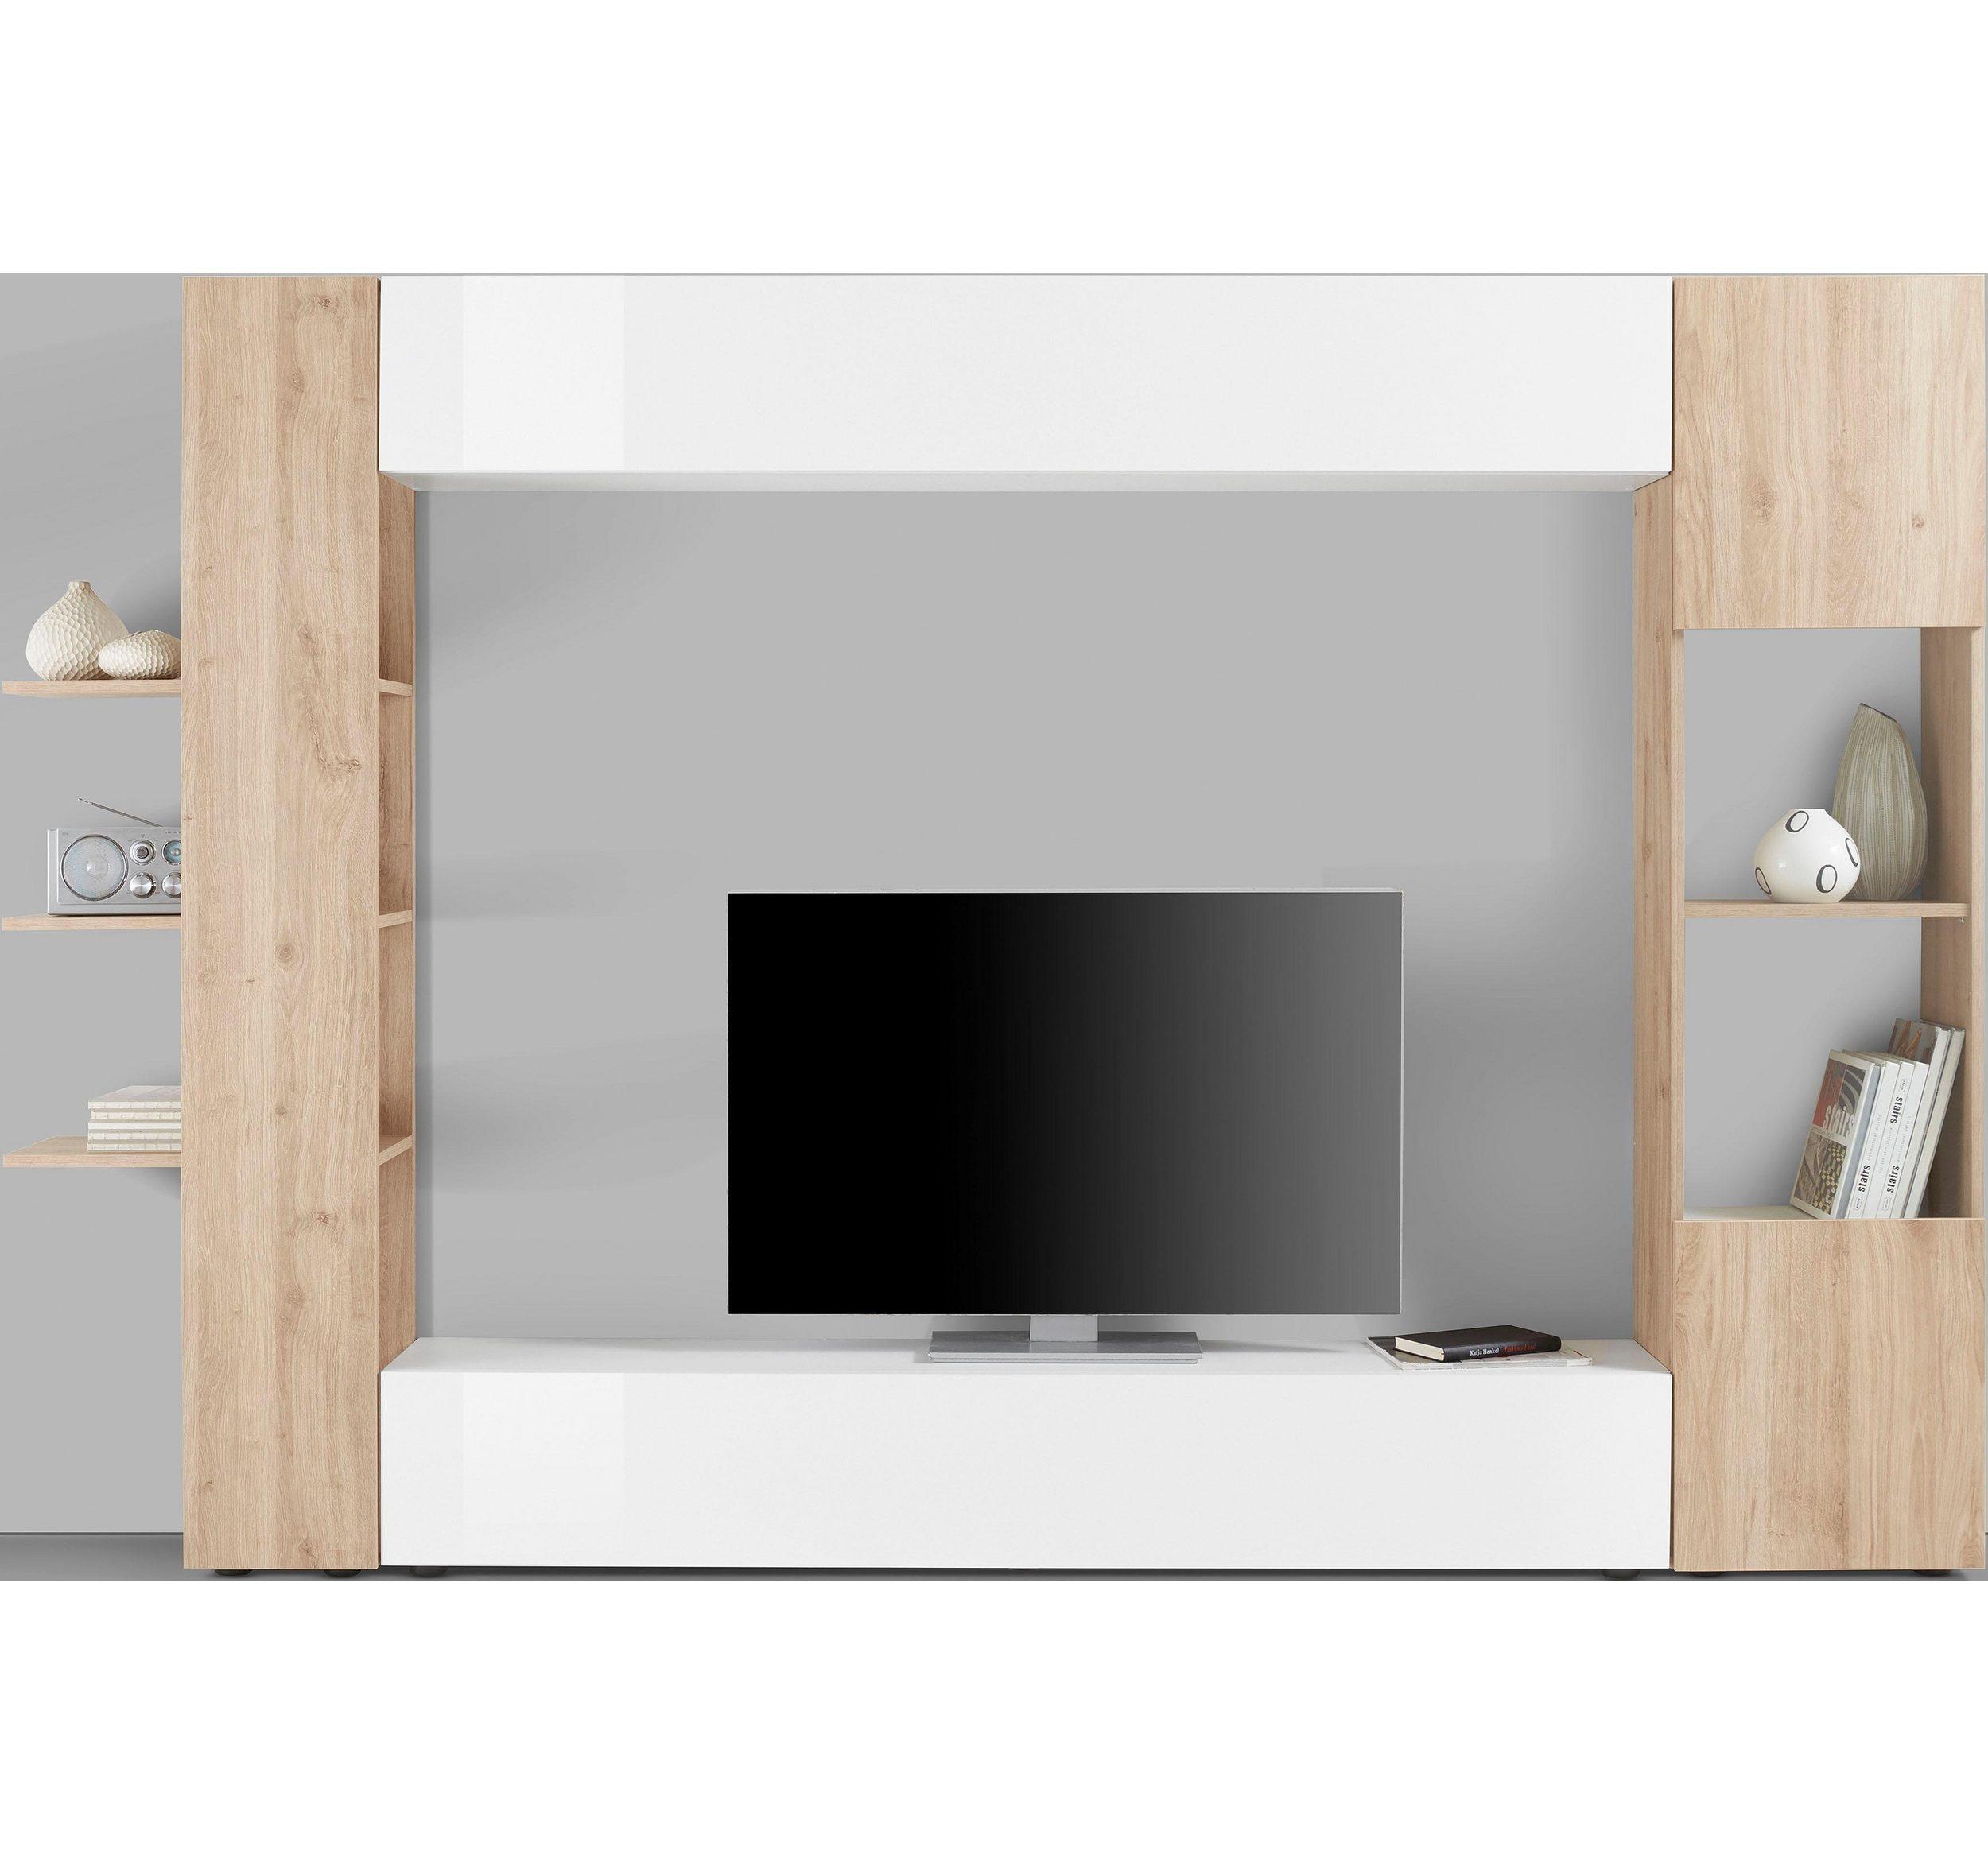 LC TV-Wand SORANO - Matt/Hochglanz Weiß - Eichefarben Cadiz